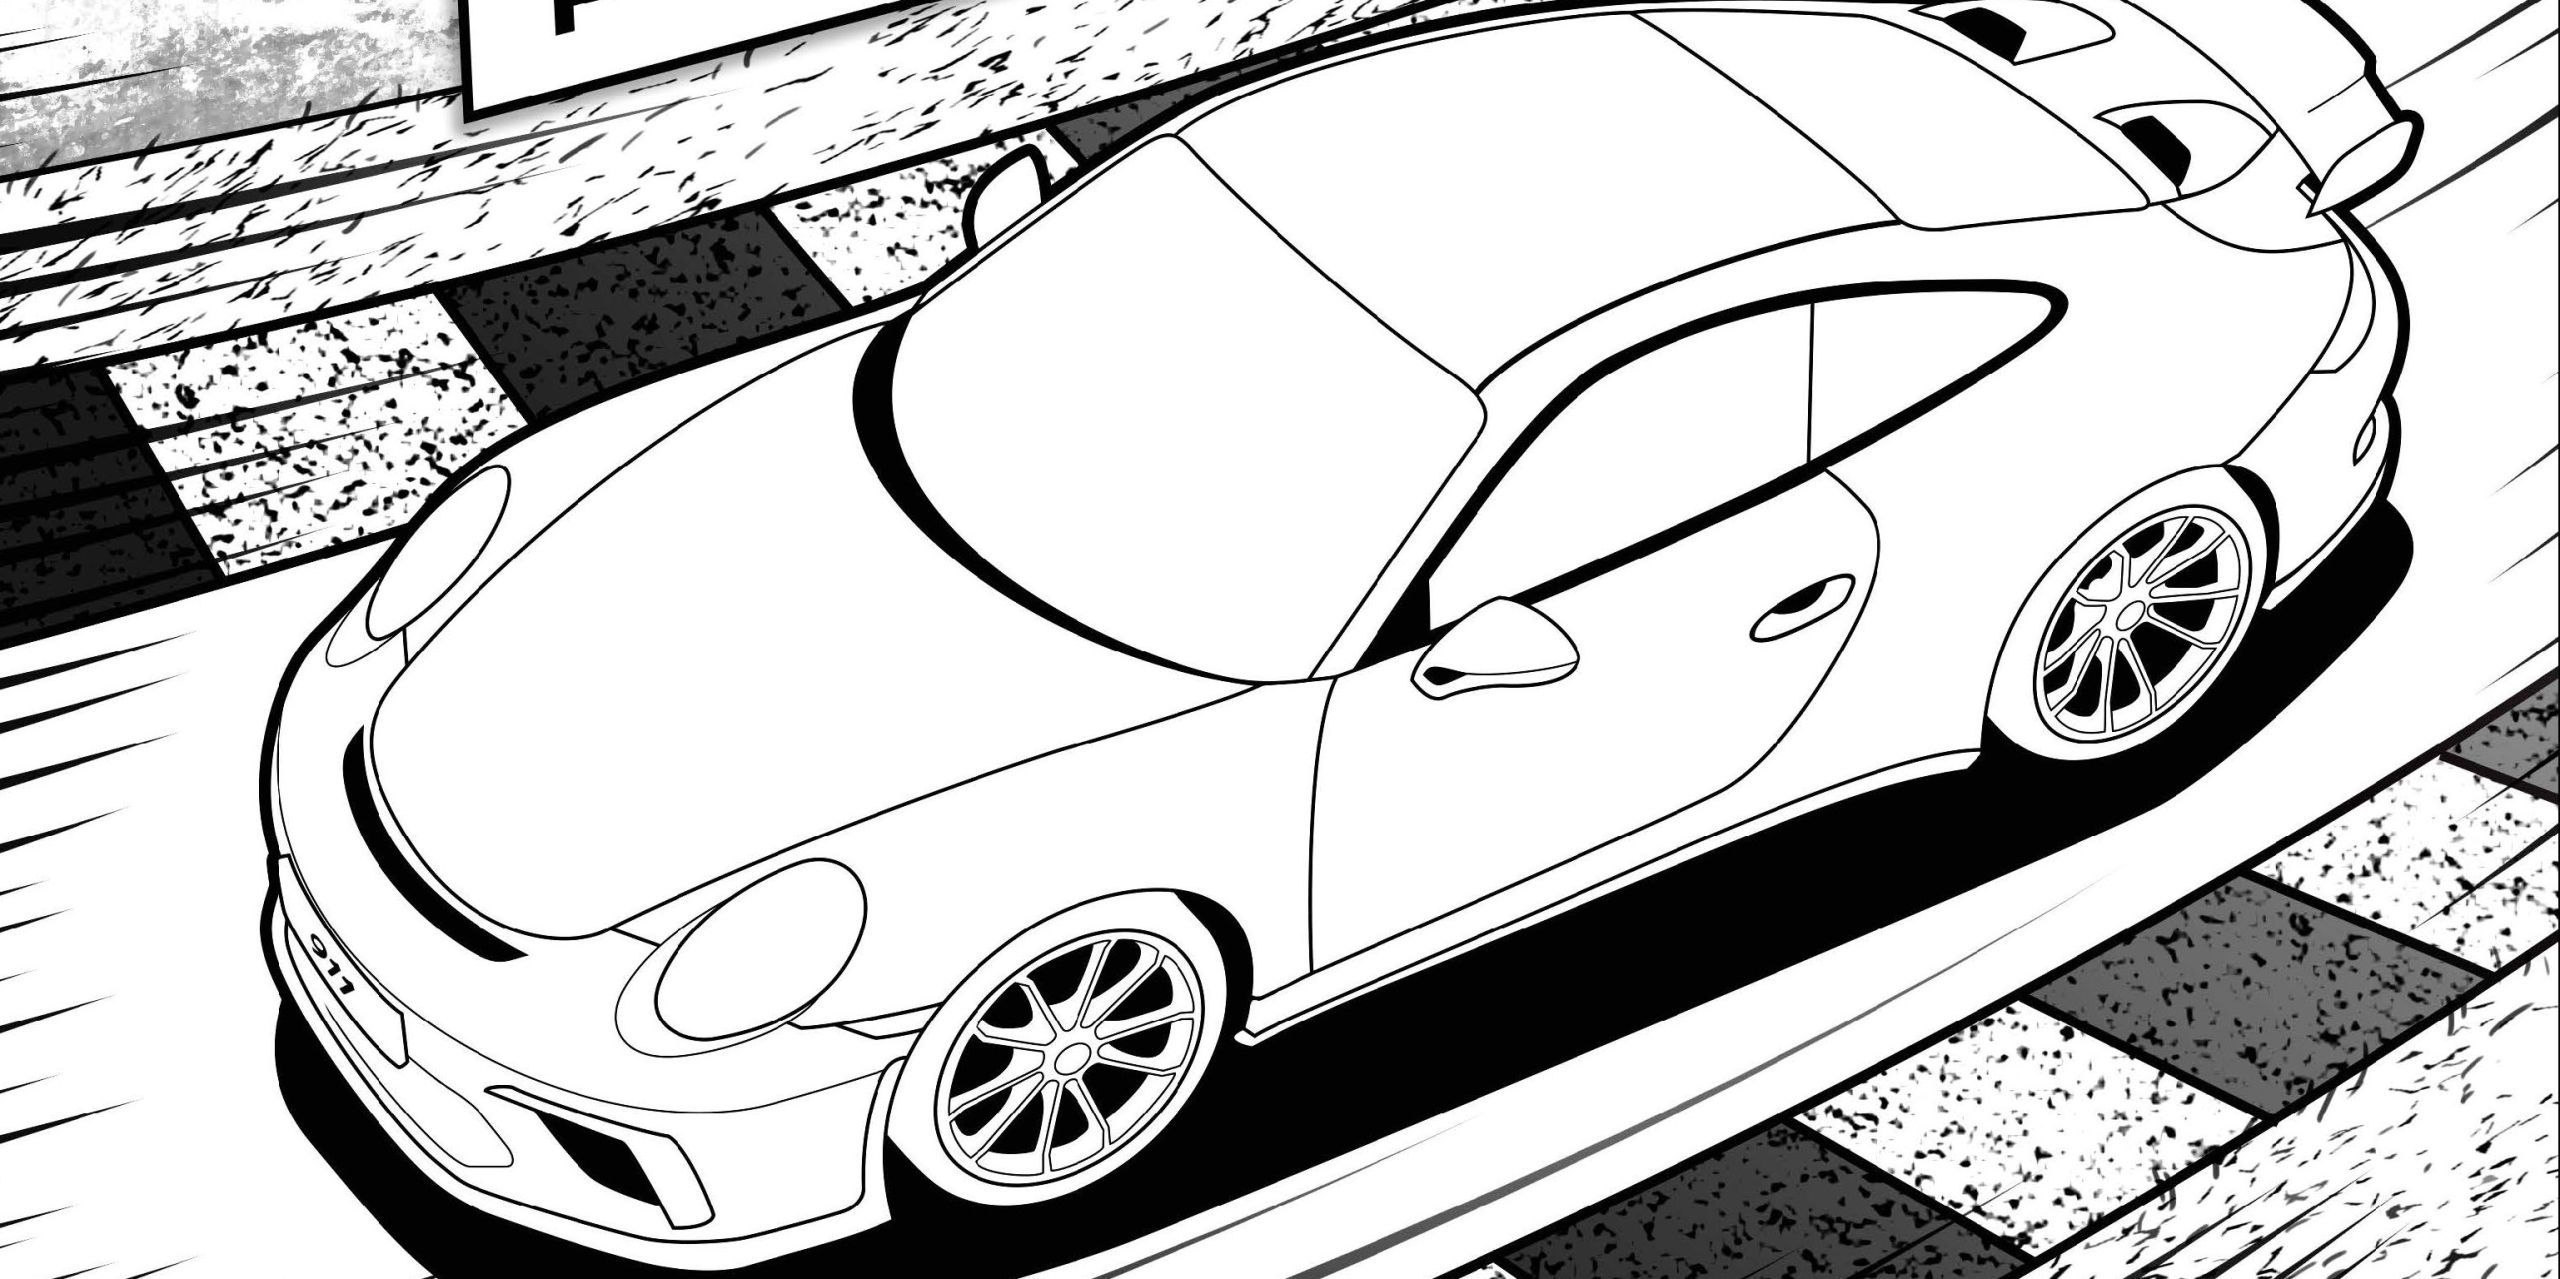 Next-Gen Porsche 911 GT3 Leaked In a Children's